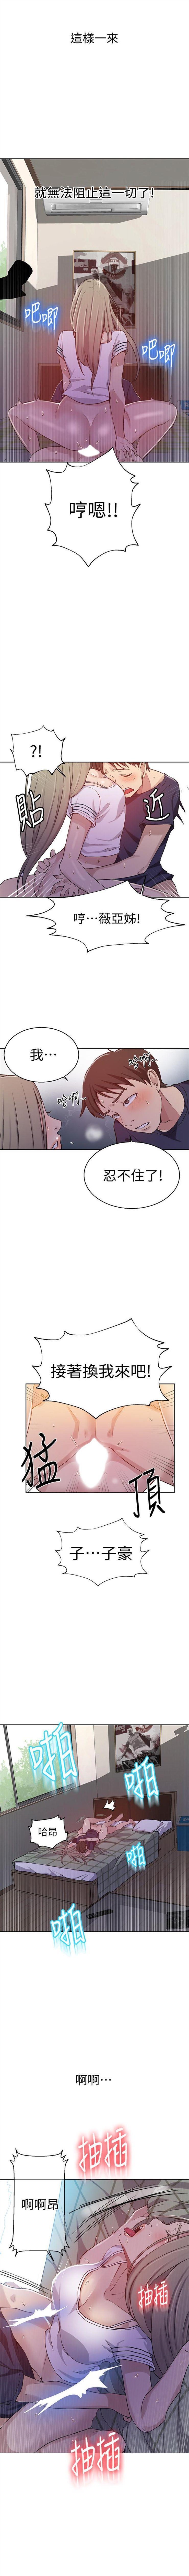 秘密教學  1-69 官方中文(連載中) 204